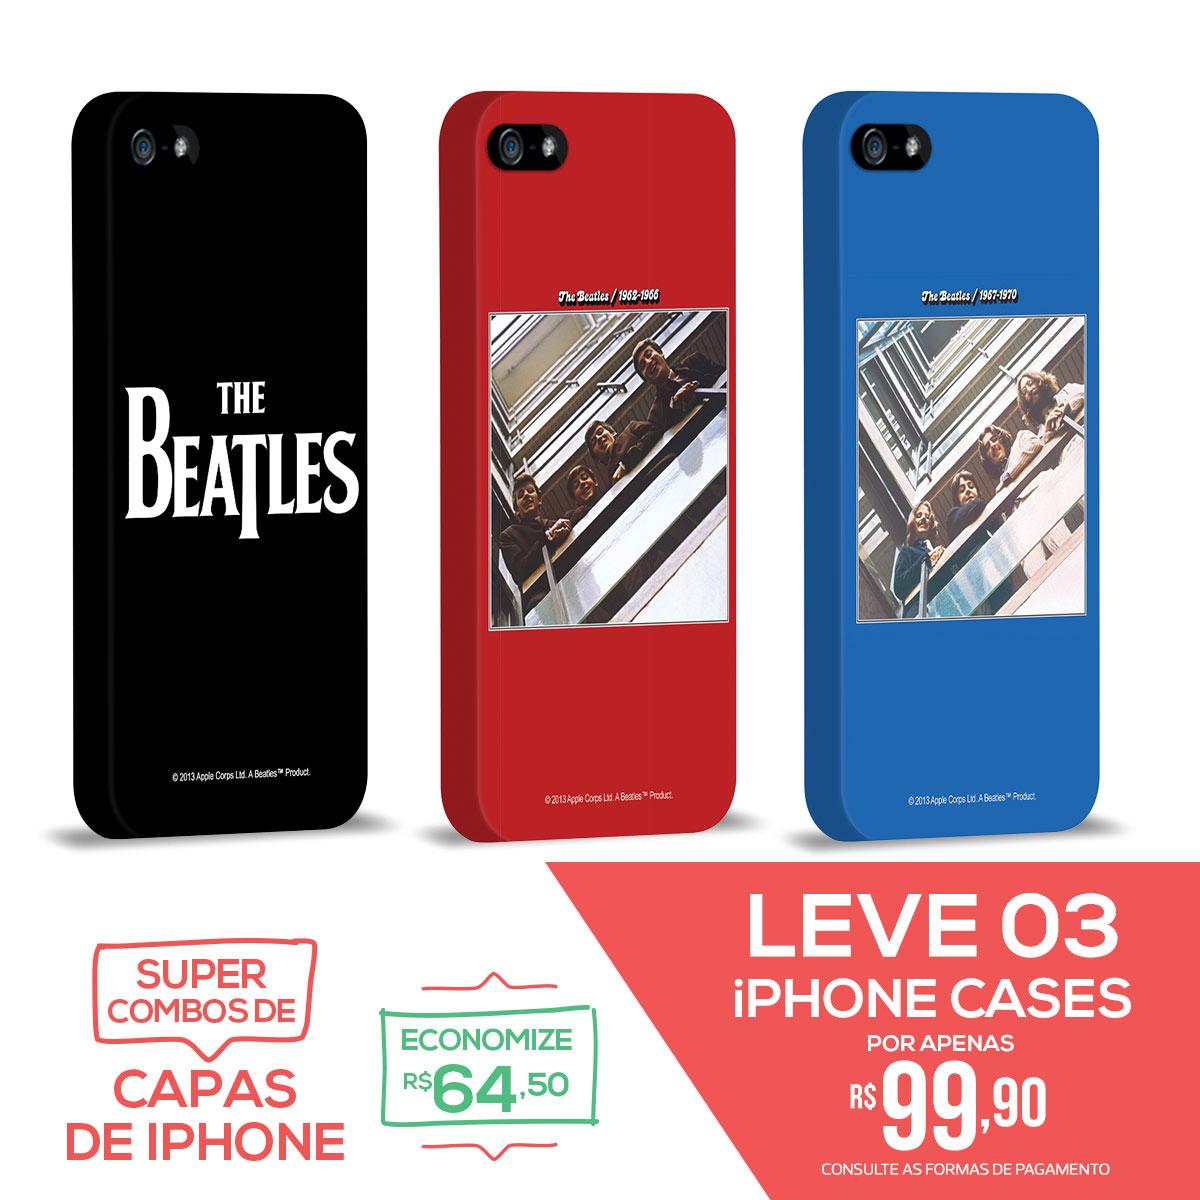 Kit Com 3 Capas de iPhone 5/5S The Beatles Coletâneas